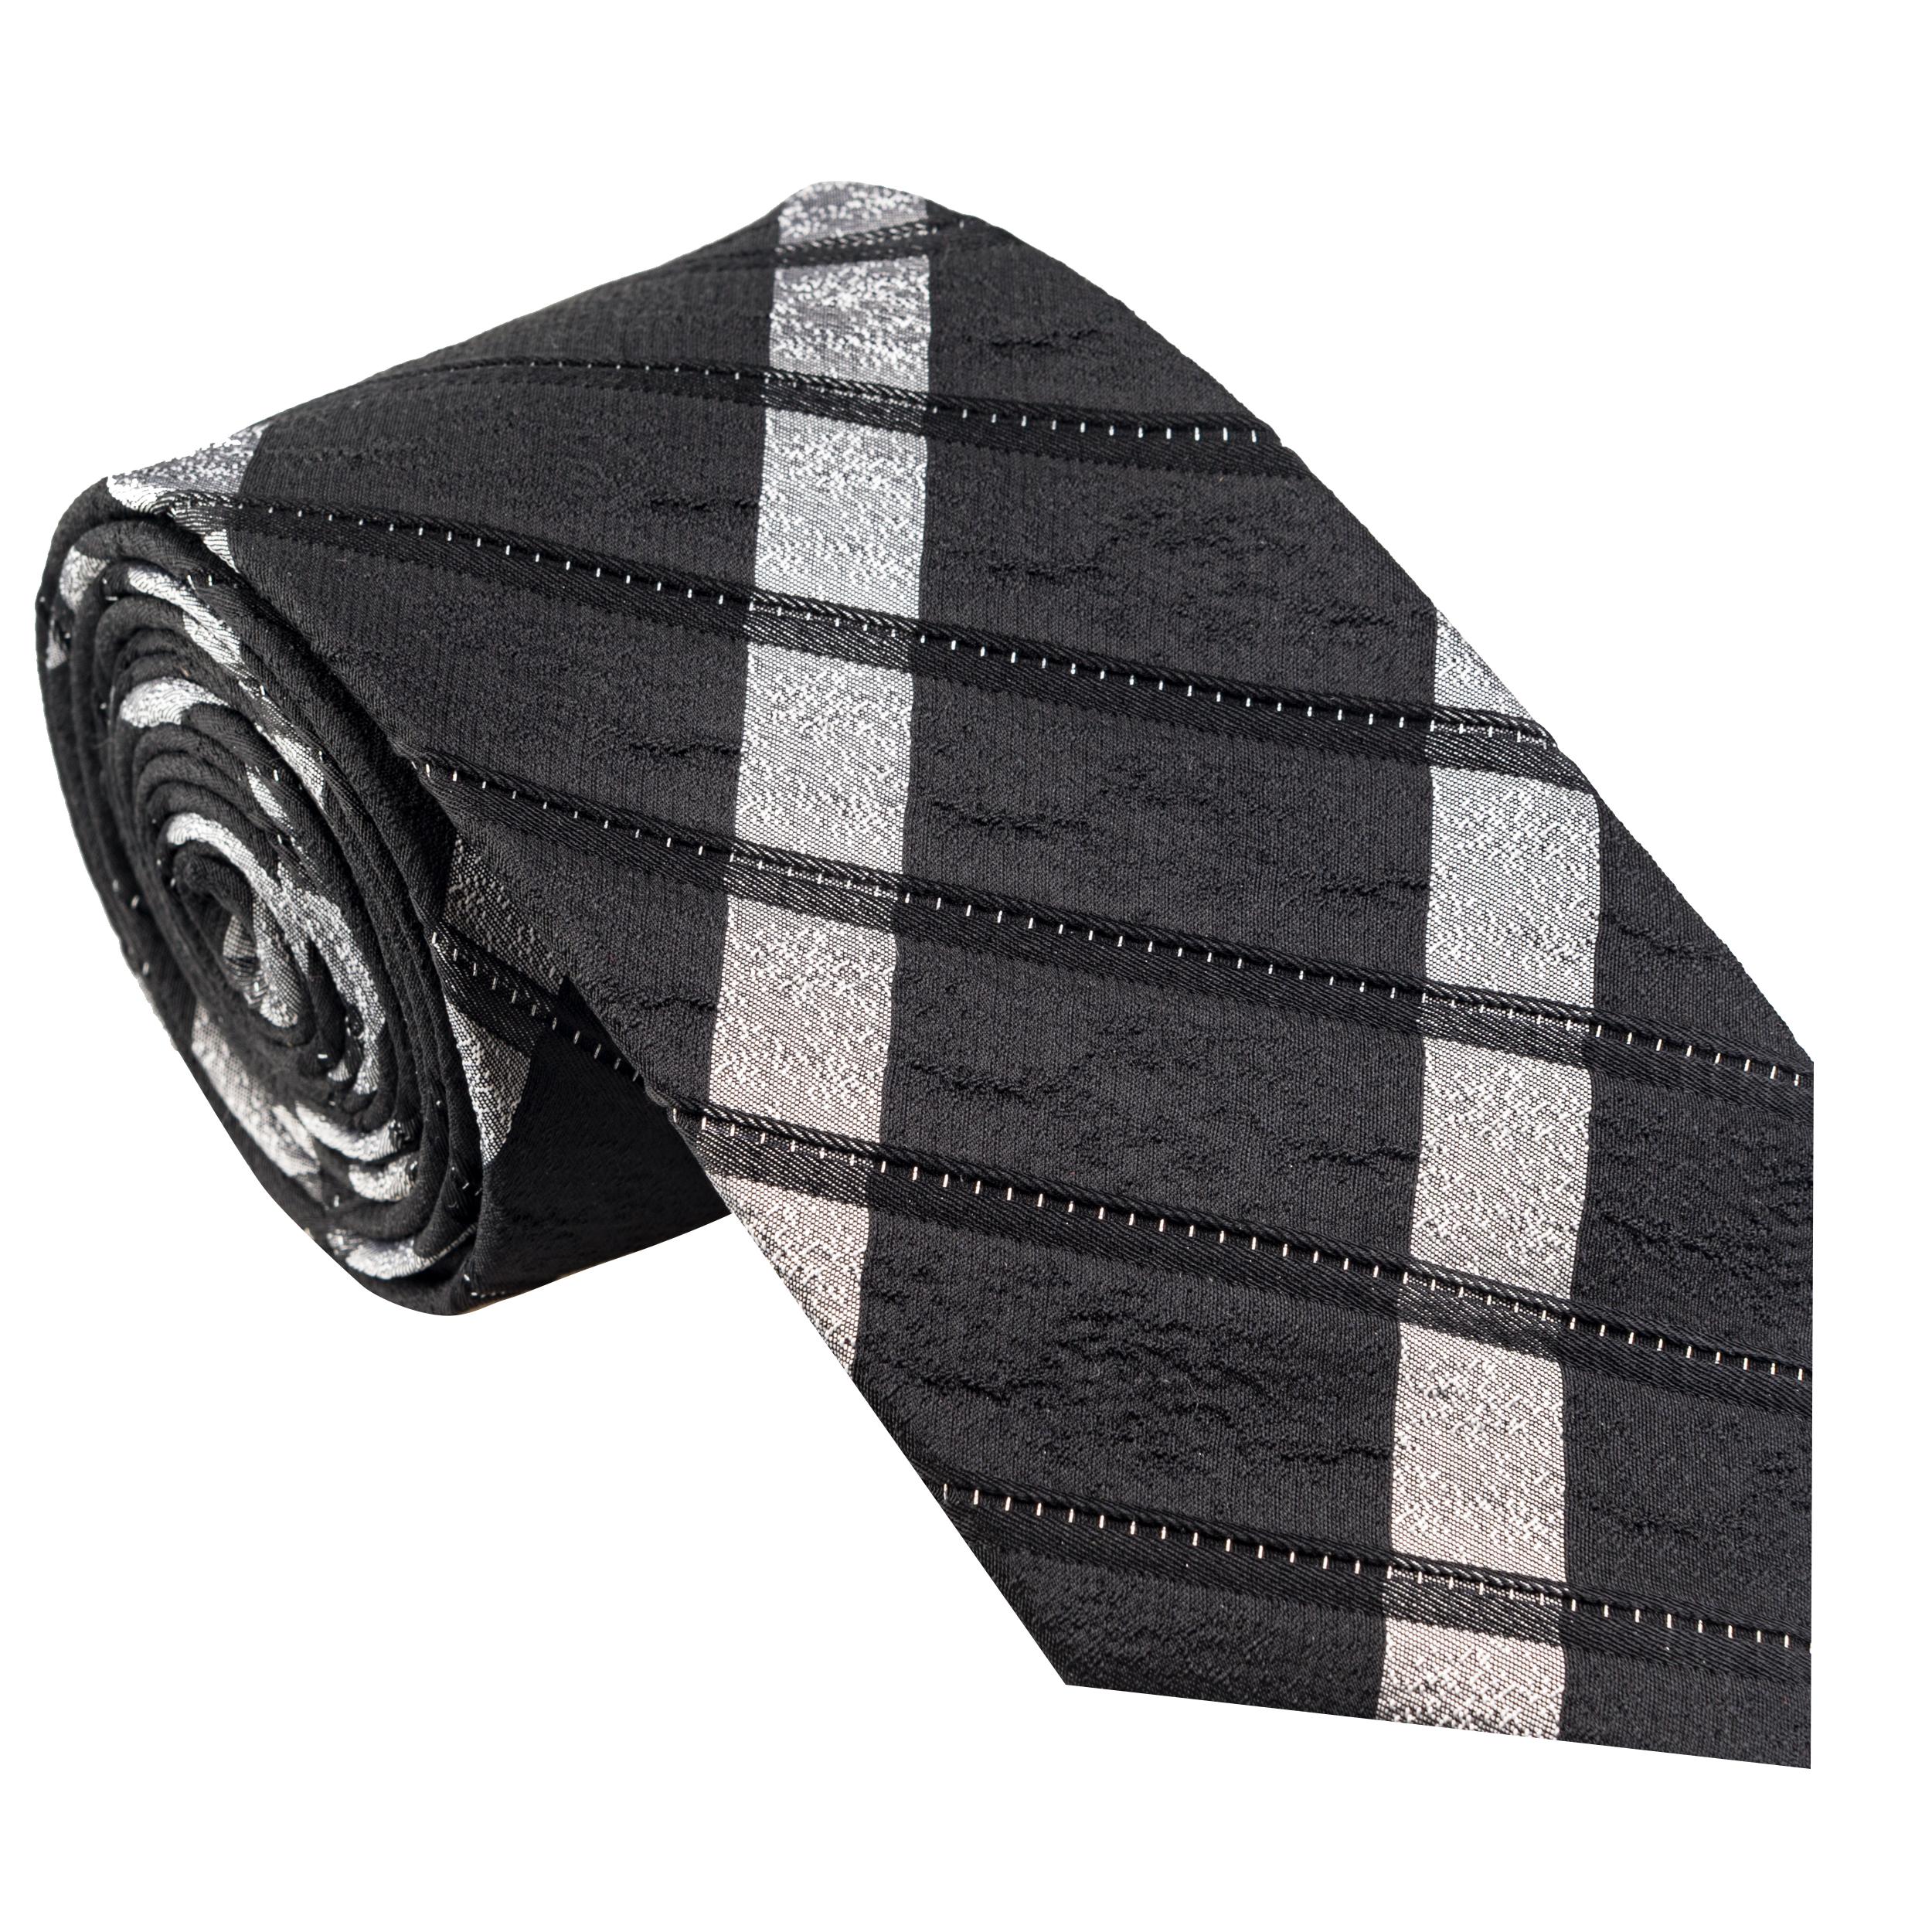 کراوات مردانه جیان فرانکو روسی مدل GF-ST501-BK